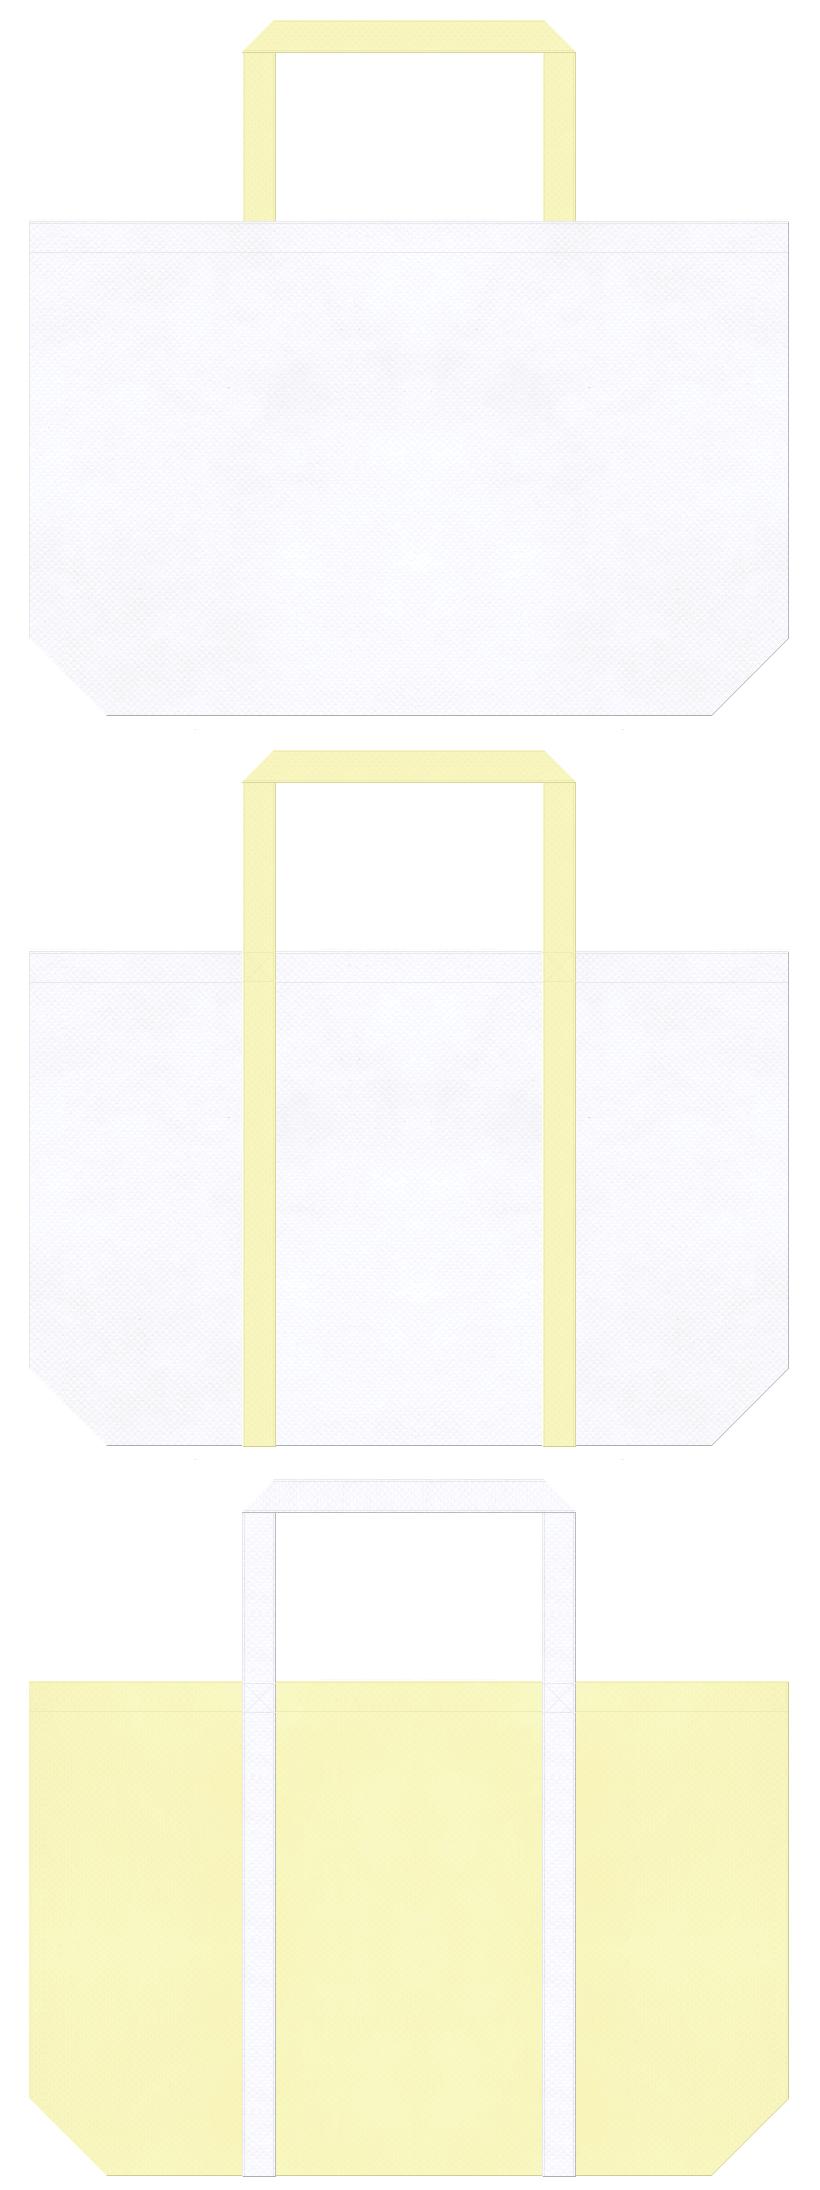 白色と薄黄色の不織布ショッピングバッグデザイン